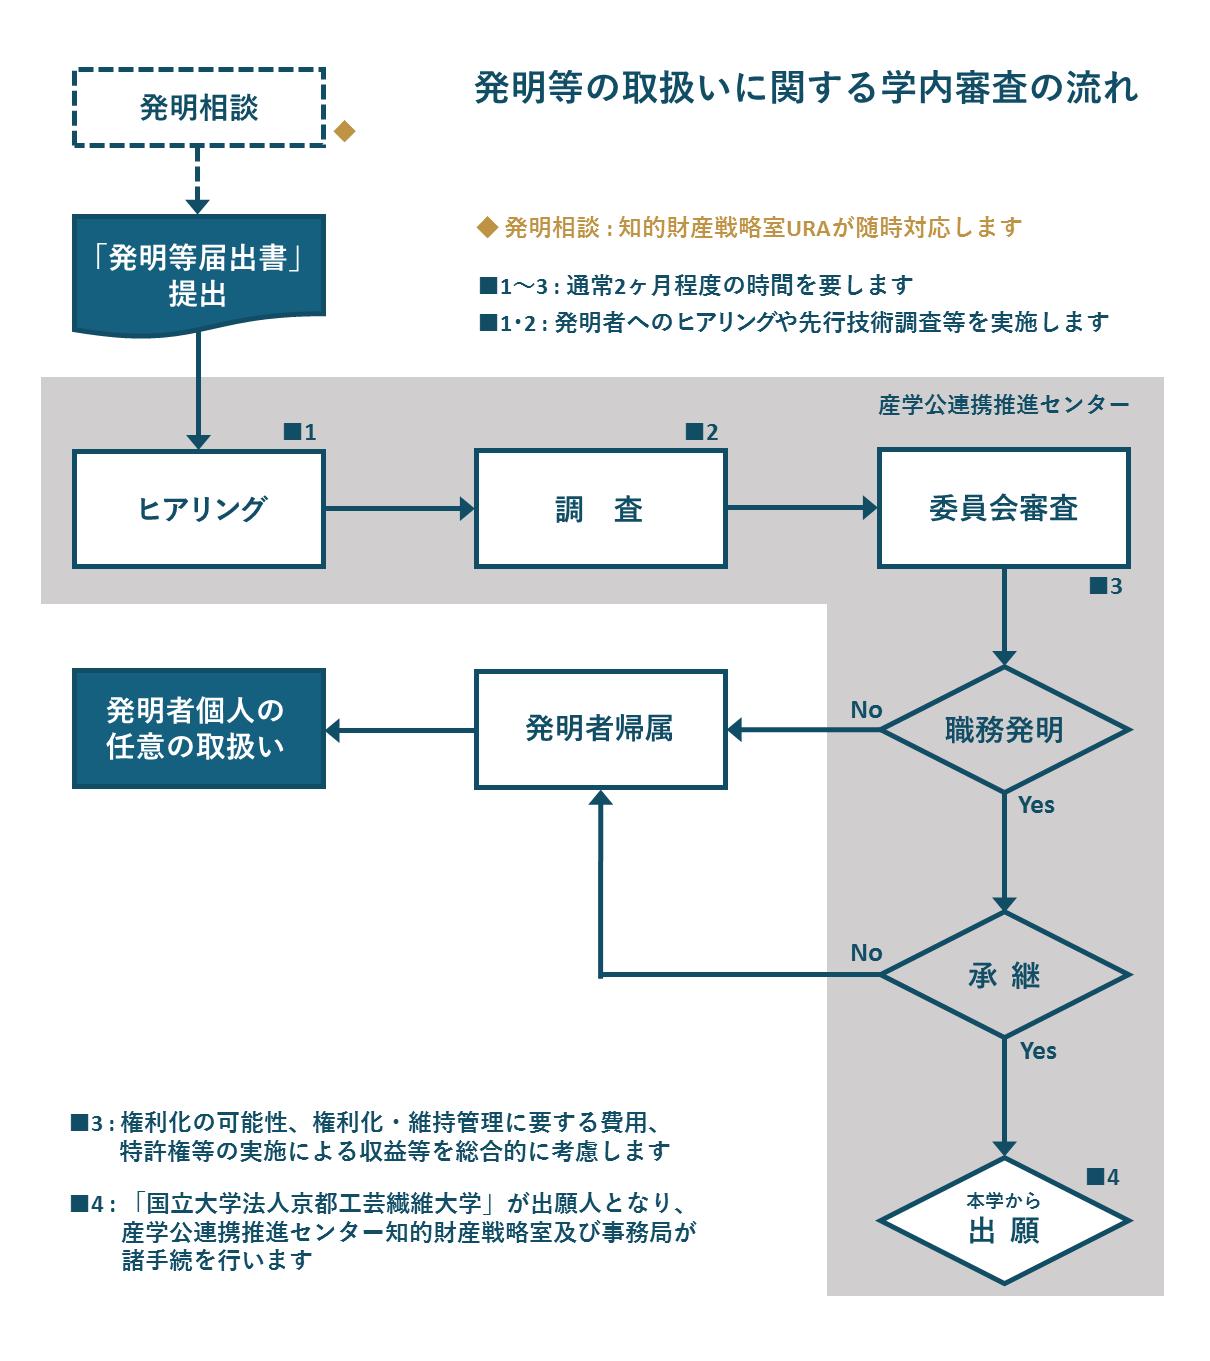 http://www.liaison.kit.ac.jp/liaison/intellectual_property/47b9cab72a29b4dbb848e9d1c7bebe5ab0e542d8.PNG